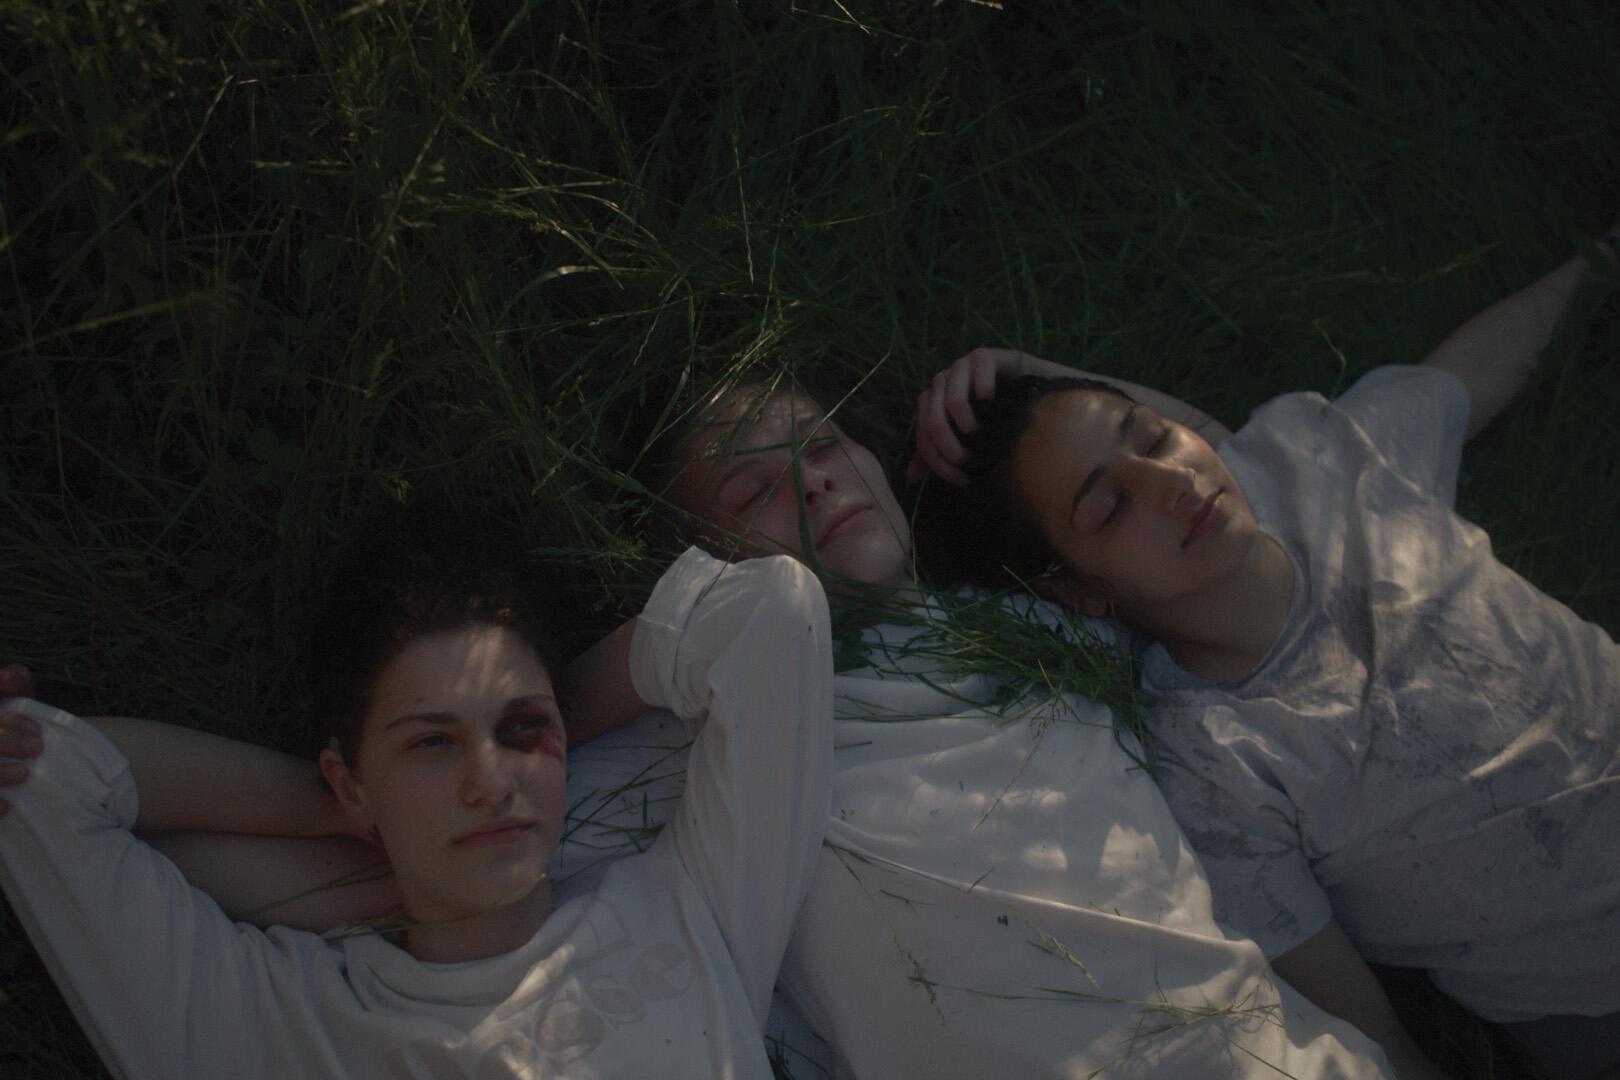 « Sestre » (« Sœurs »), de la Slovène Katarina Rešek, a remporté le Grand prix de la compétition internationale du Festival du court métrage à Clermont-Ferrand.  © SQPLCM